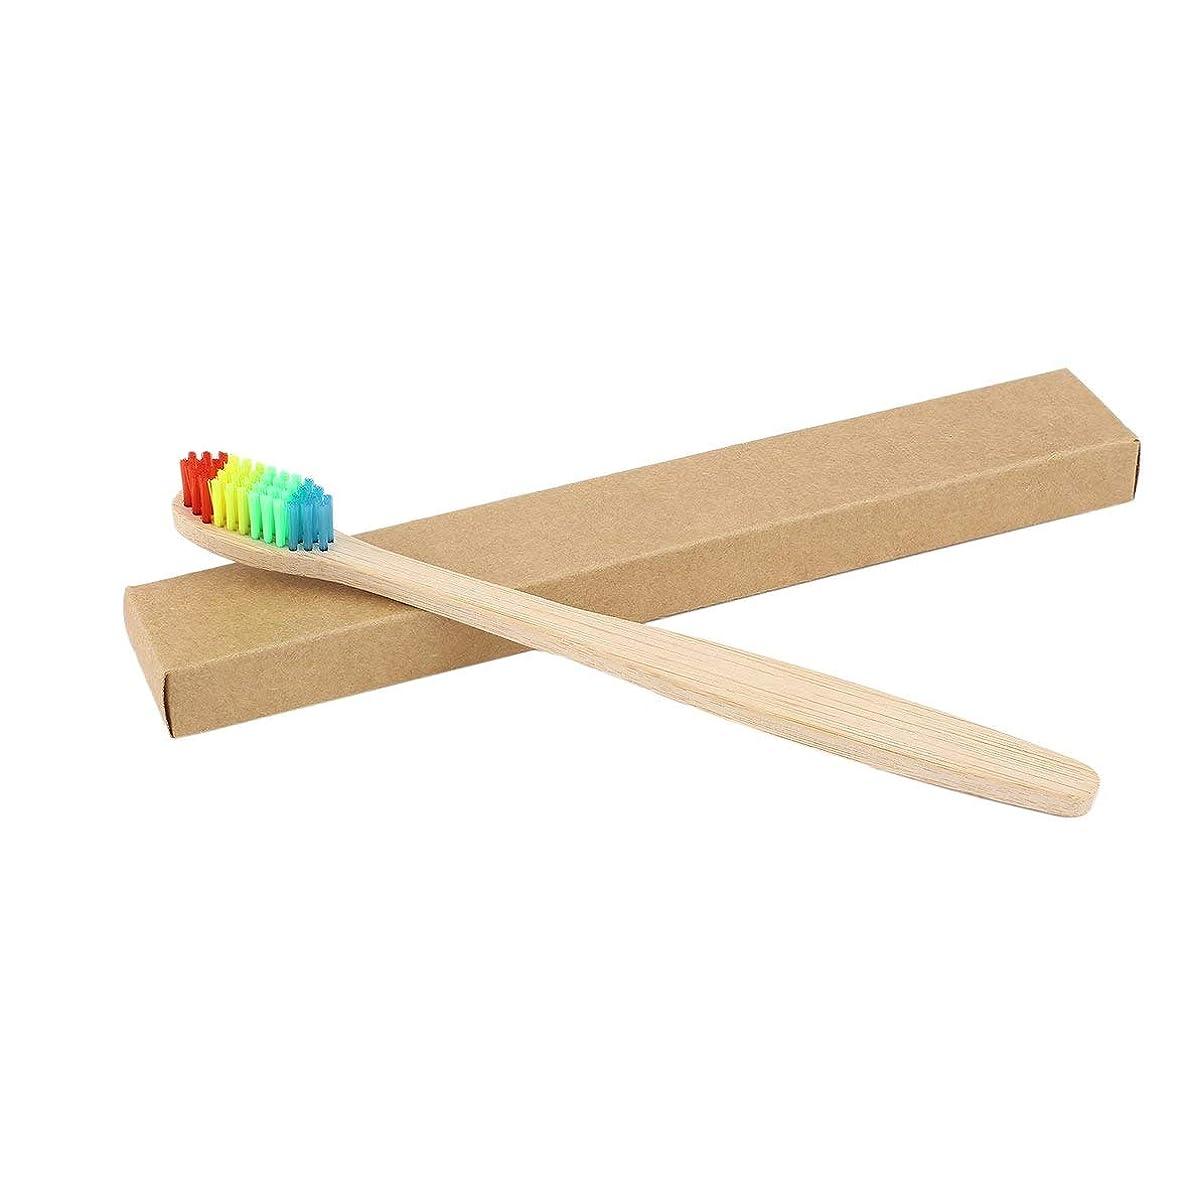 日意気消沈したイースターカラフルな髪+竹のハンドル歯ブラシ環境木製の虹竹の歯ブラシオーラルケアソフト剛毛ユニセックス - ウッドカラー+カラフル